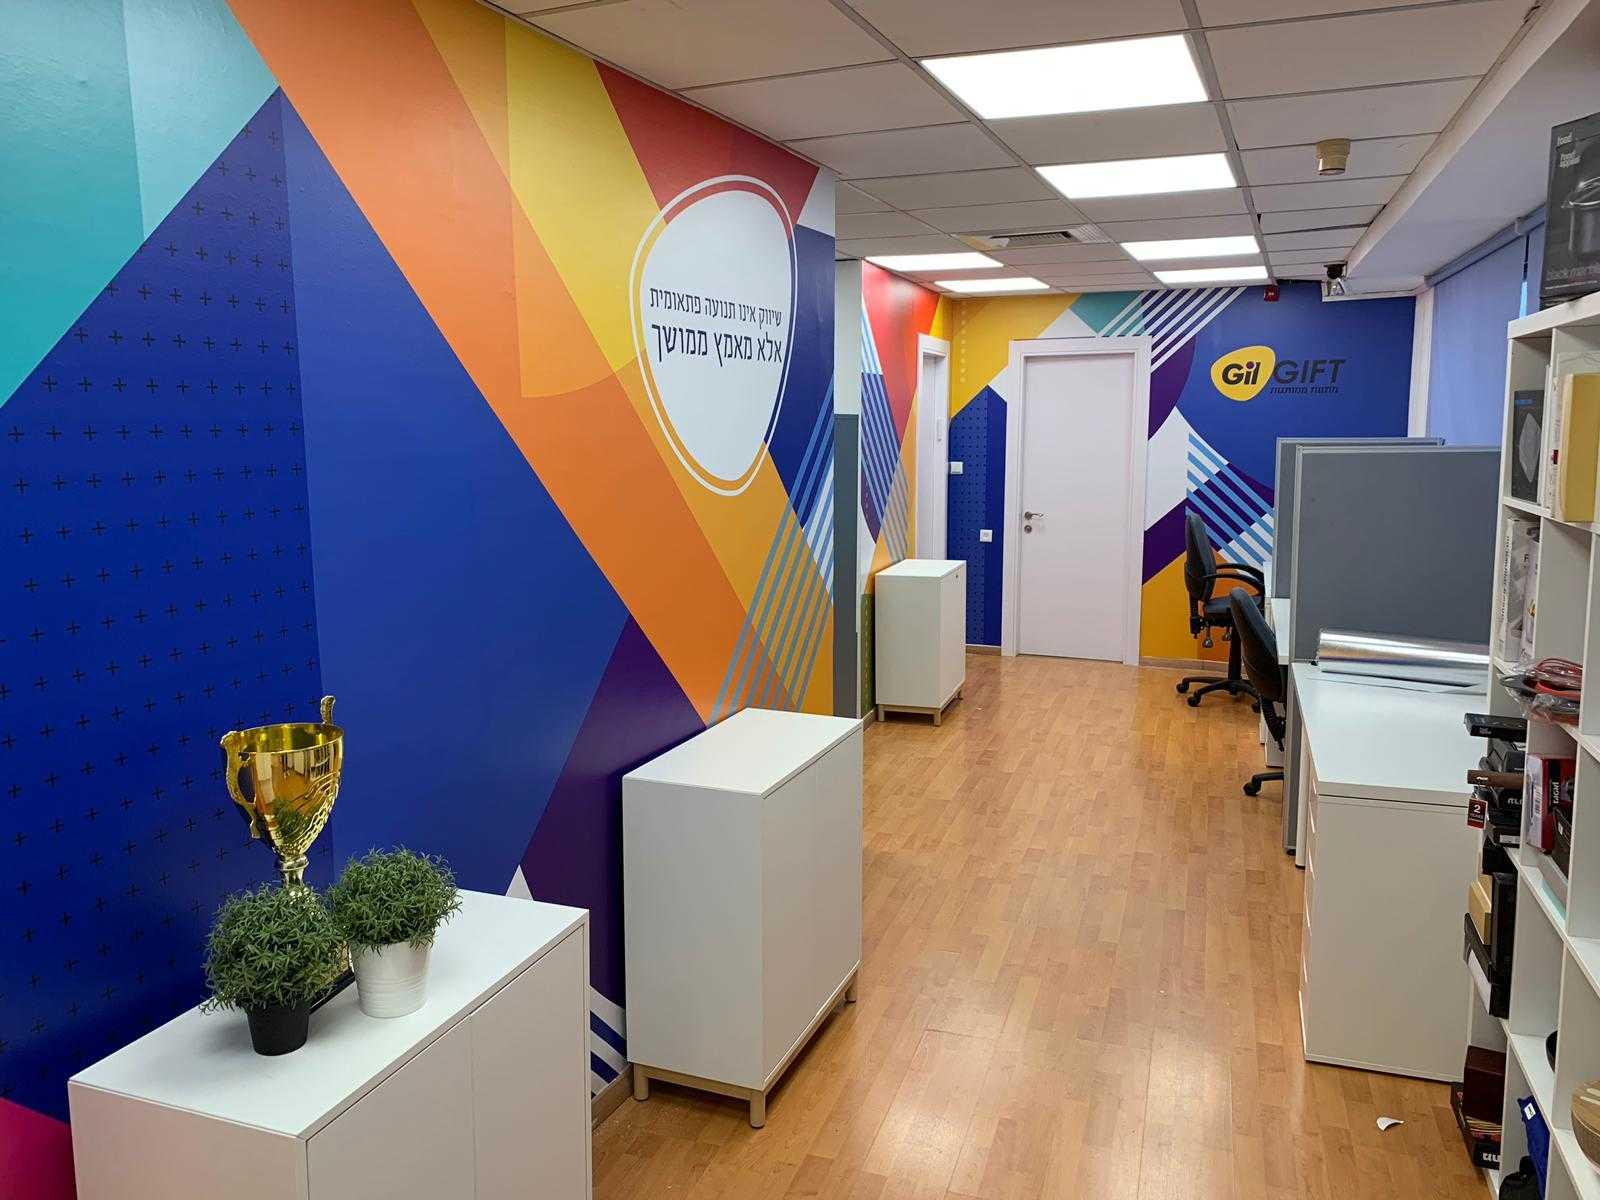 עולים קומה ומתרחבים: קומה שלישית למשרדי גיל גרופ 2